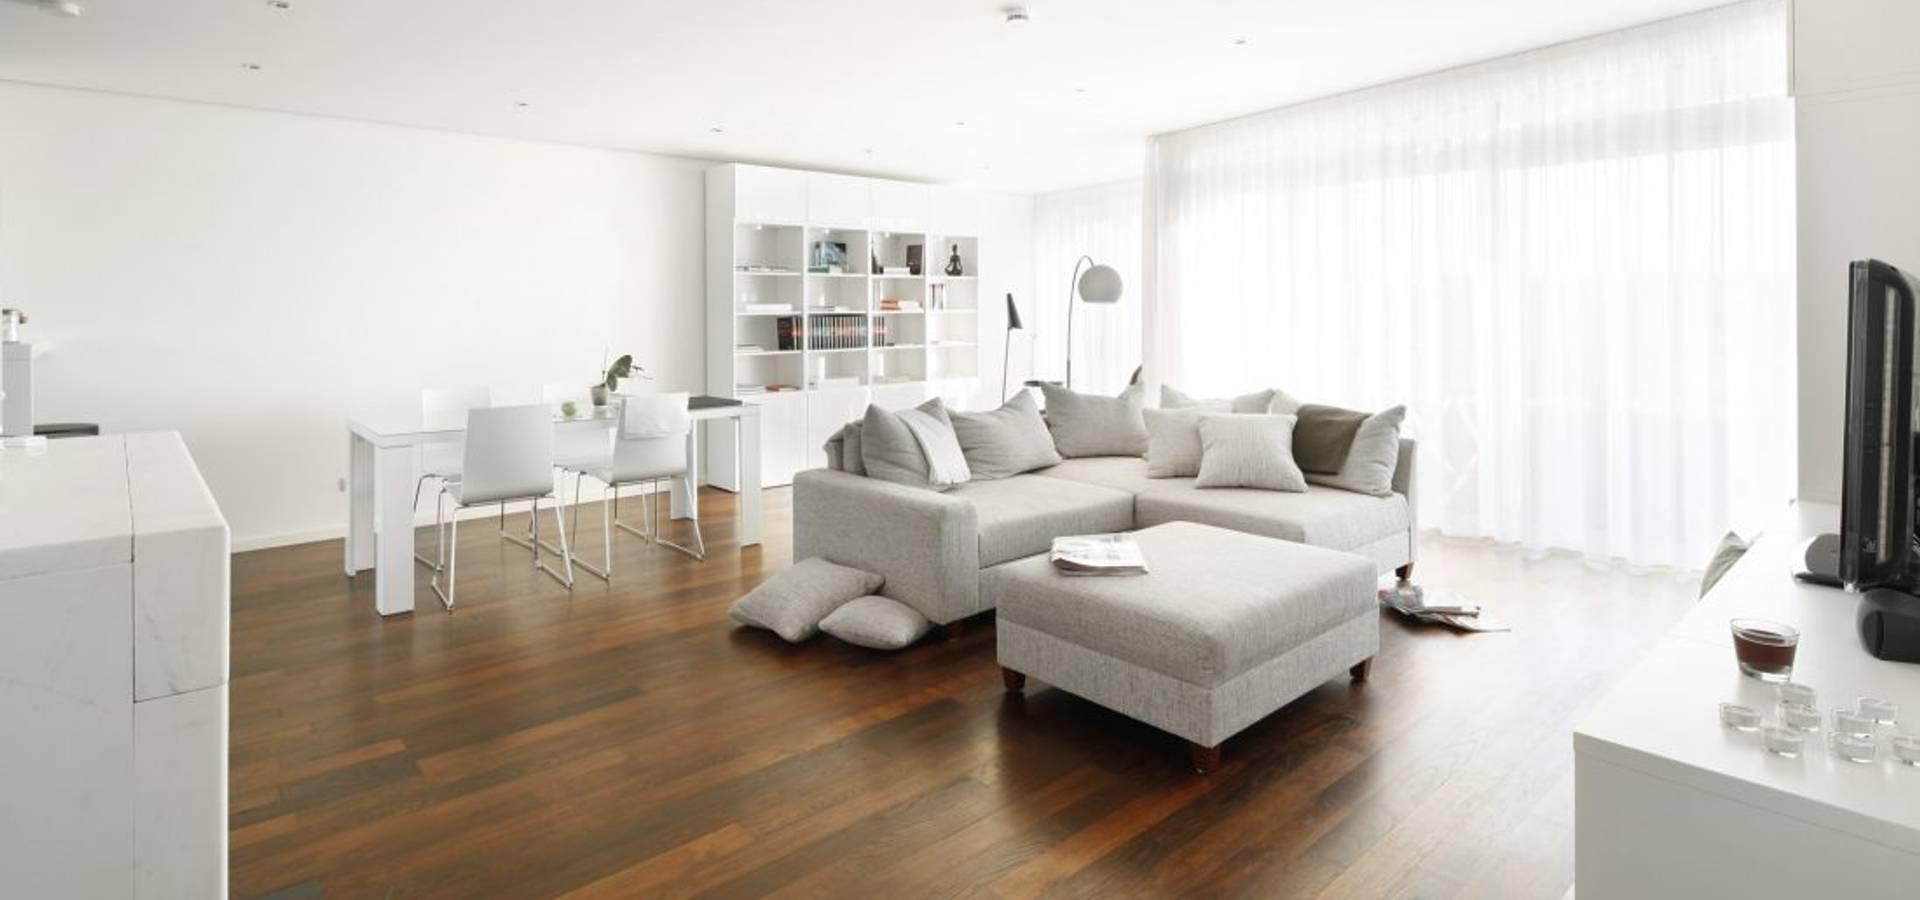 interior fotografie skandinavisches wohnen von oliver. Black Bedroom Furniture Sets. Home Design Ideas